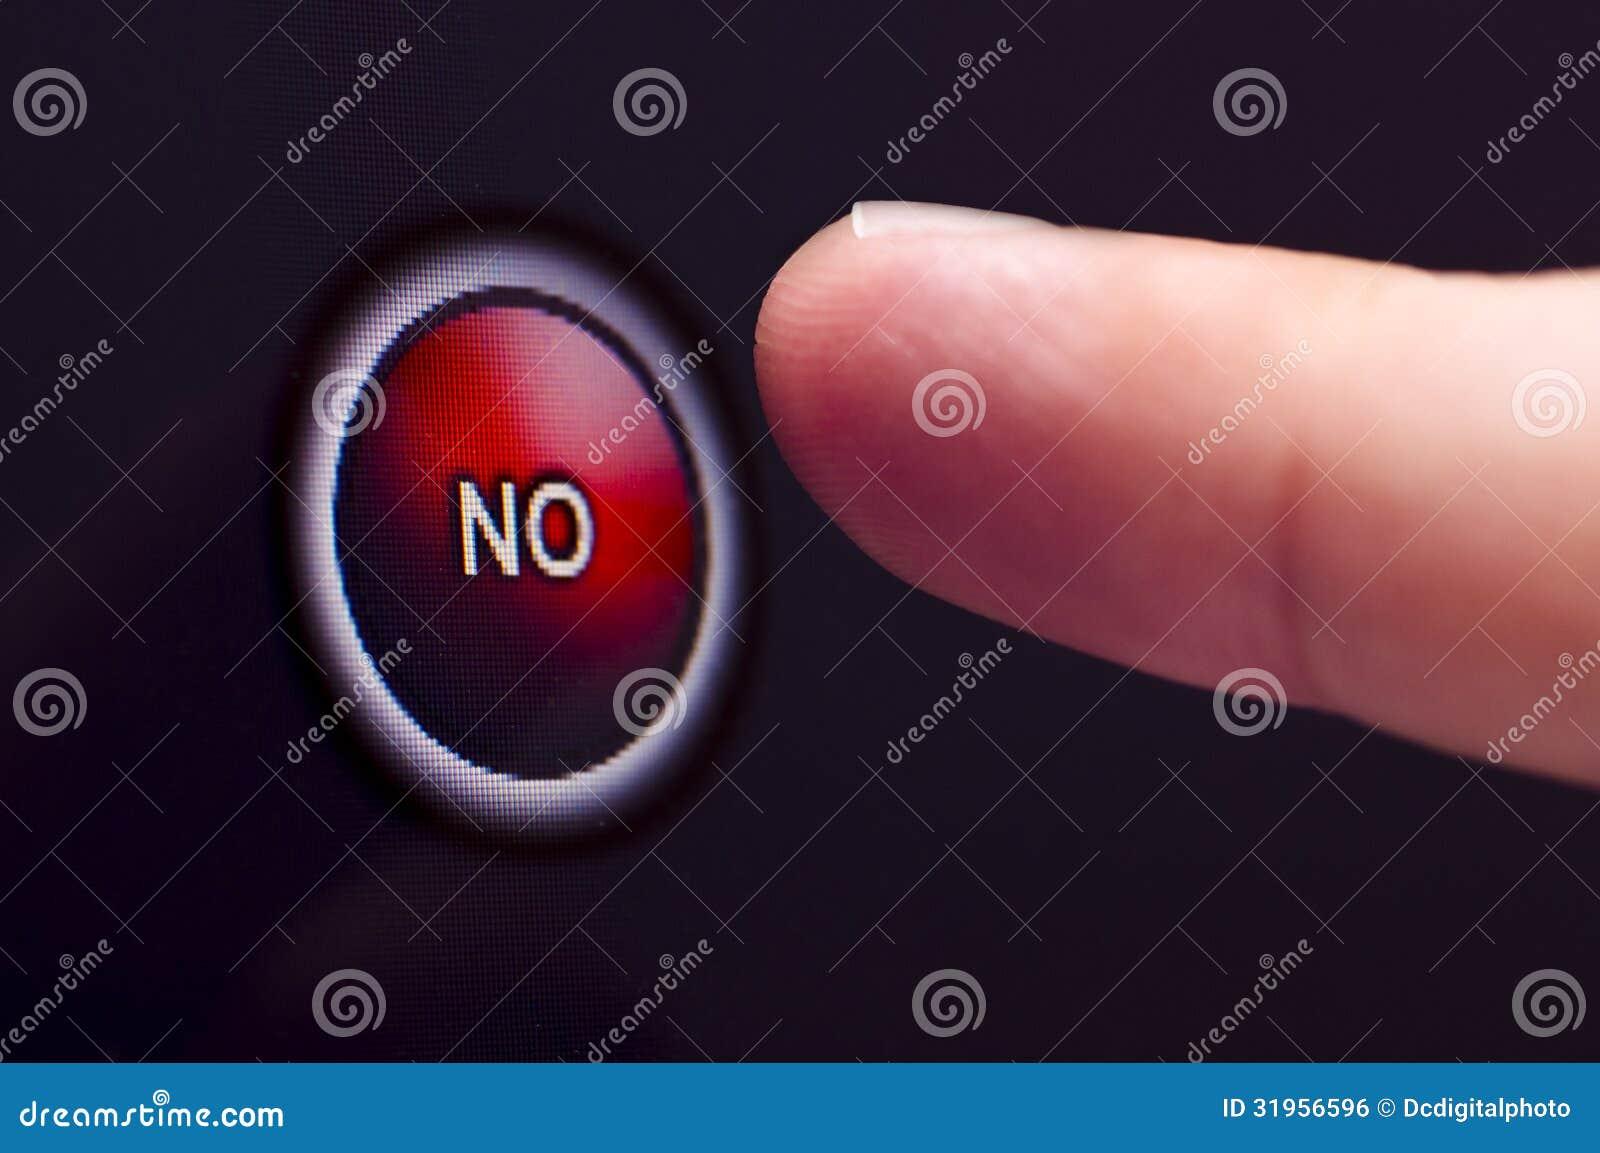 Le doigt presse le rouge AUCUN bouton sur l écran tactile